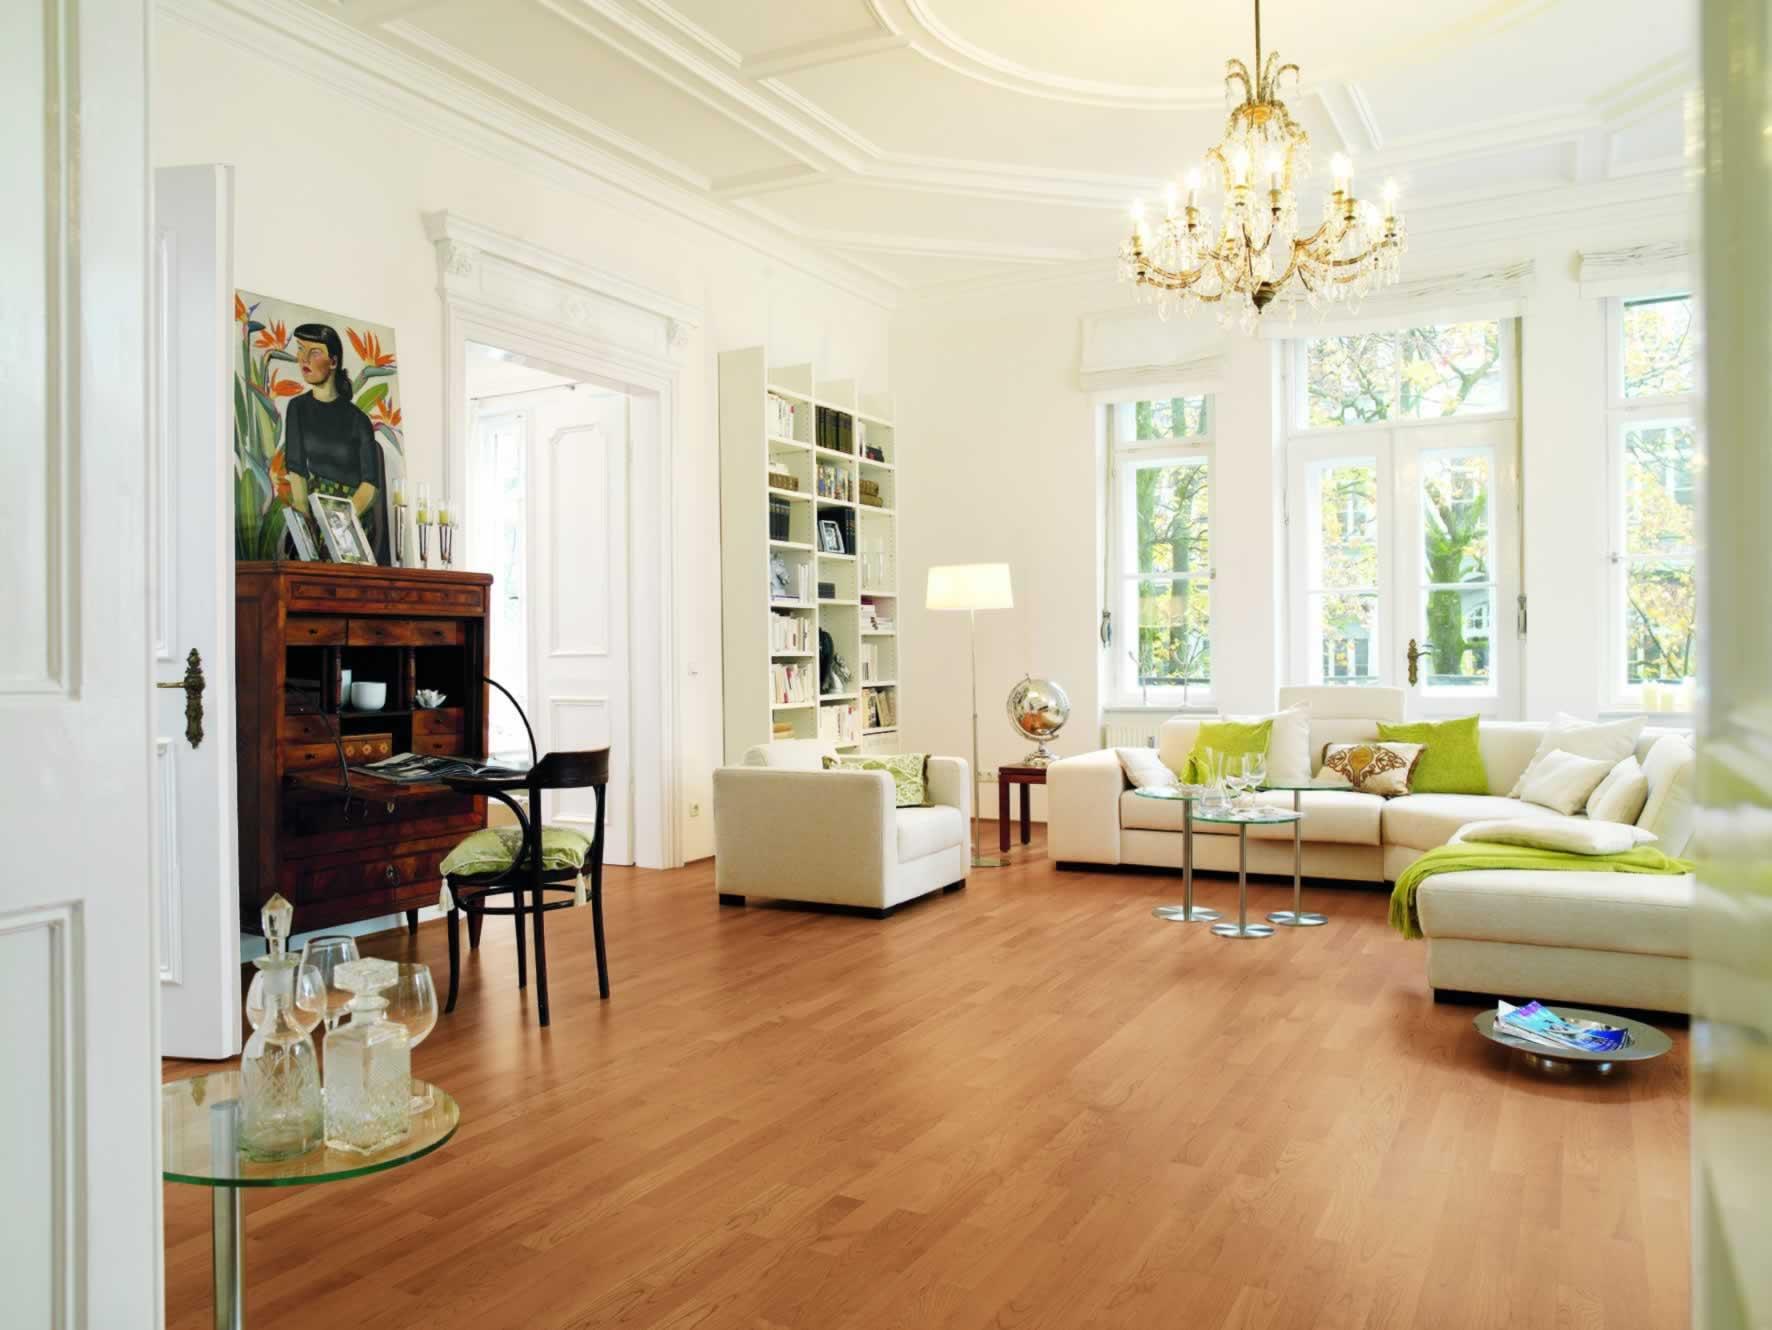 Achat maison lyon vente de maisons et villas dans la for Achat appartement maison